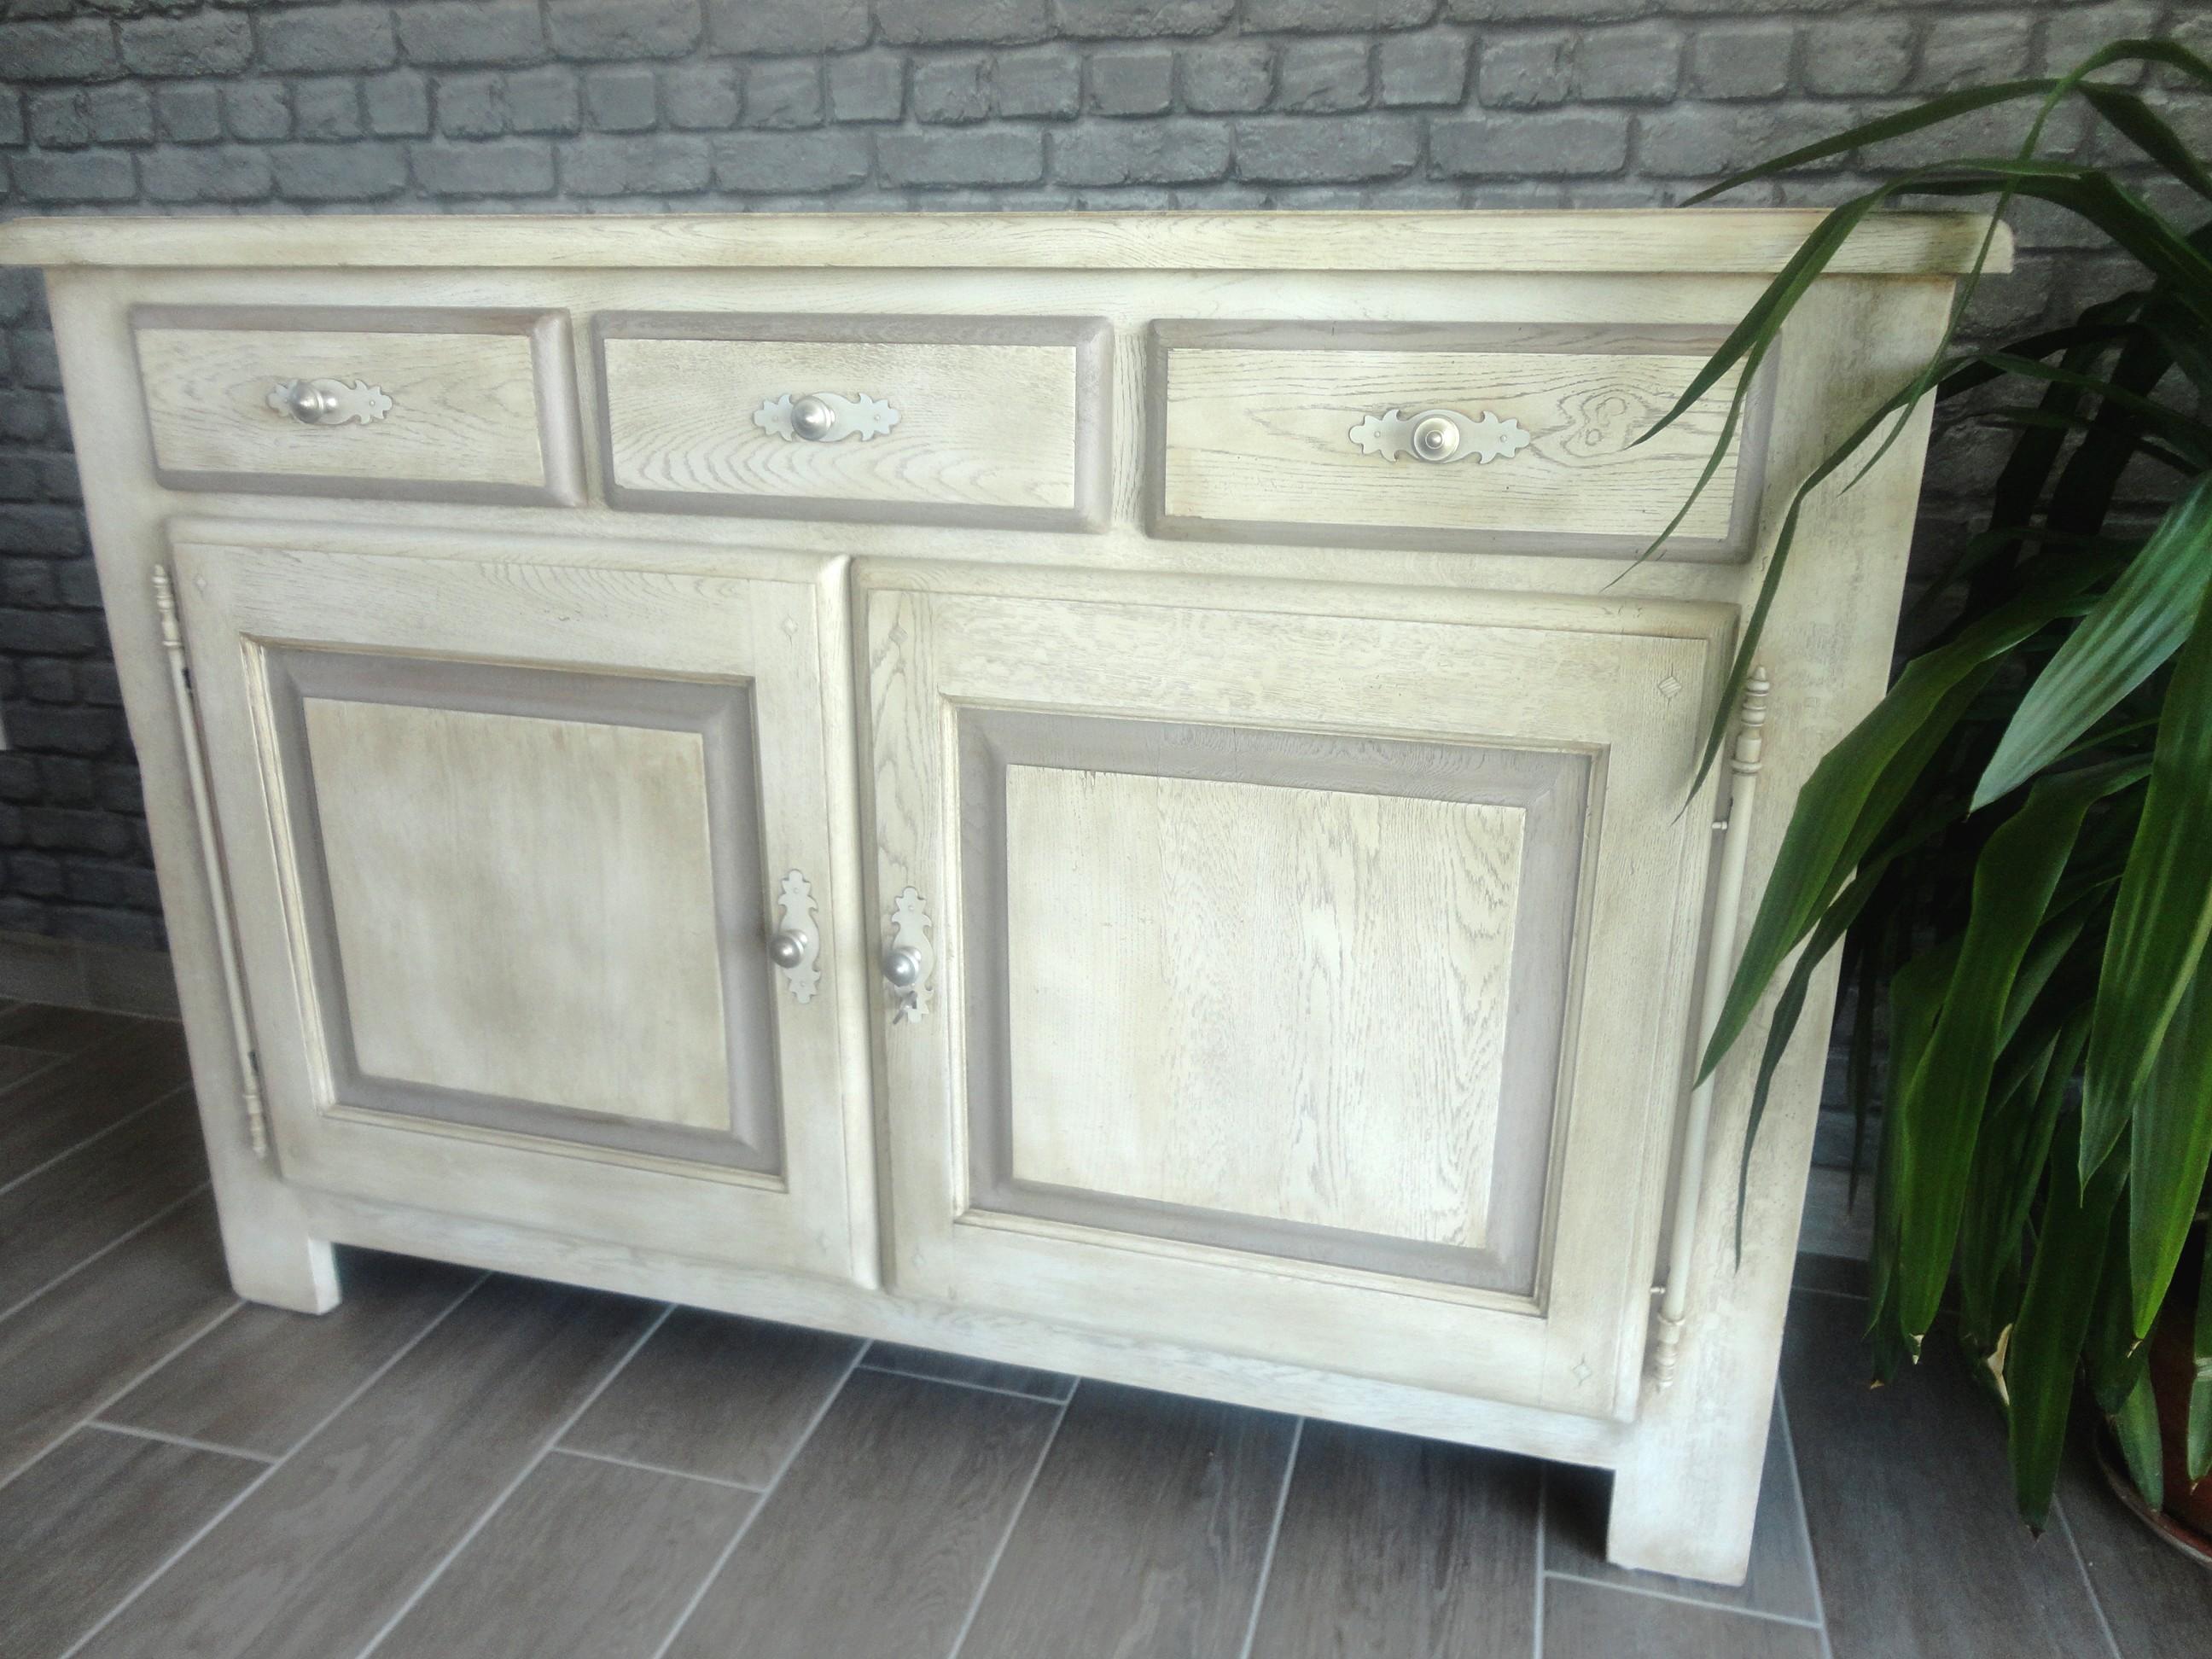 objets recuperes et transformes maison design. Black Bedroom Furniture Sets. Home Design Ideas